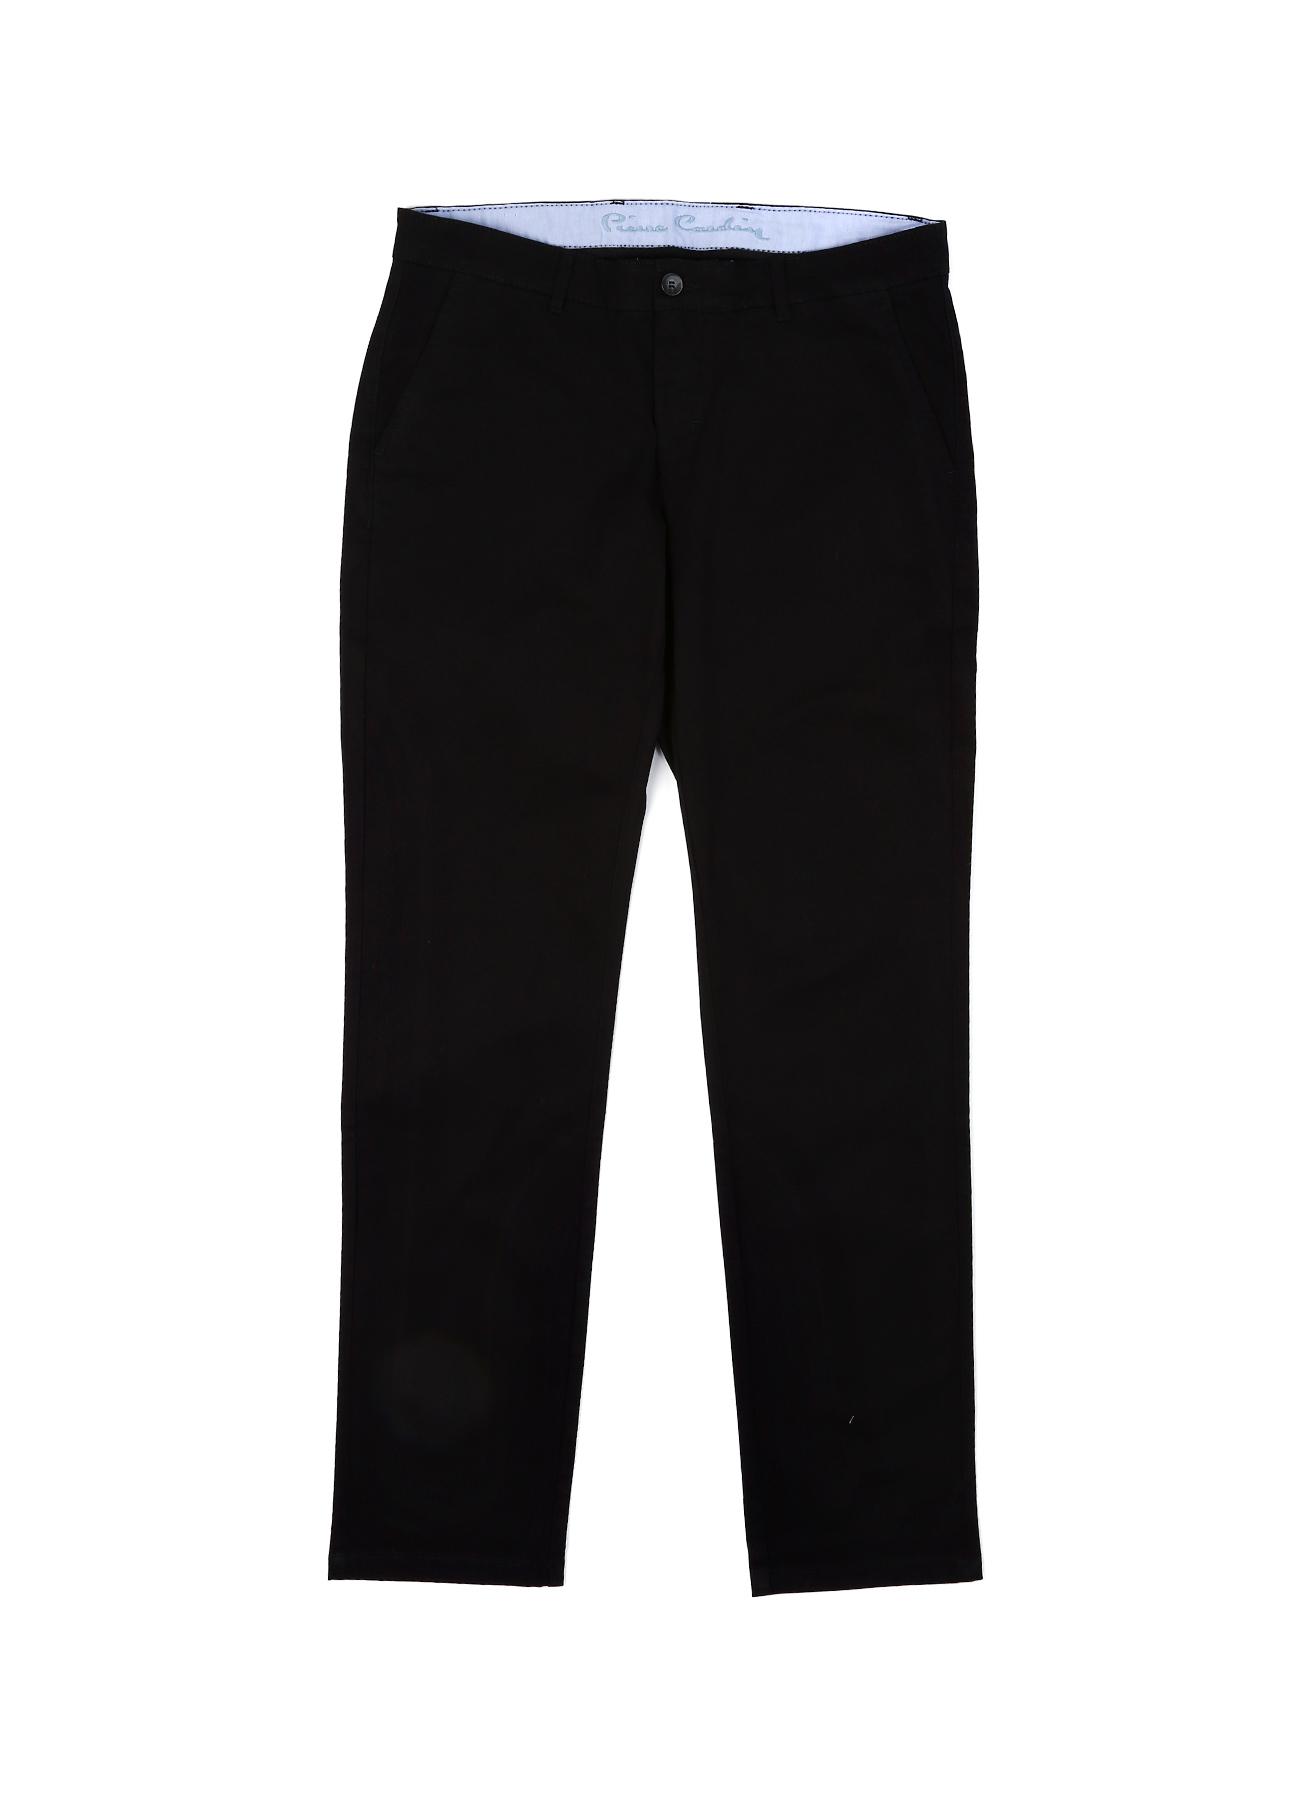 Pierre Cardin Klasik Pantolon 33 5001697836008 Ürün Resmi